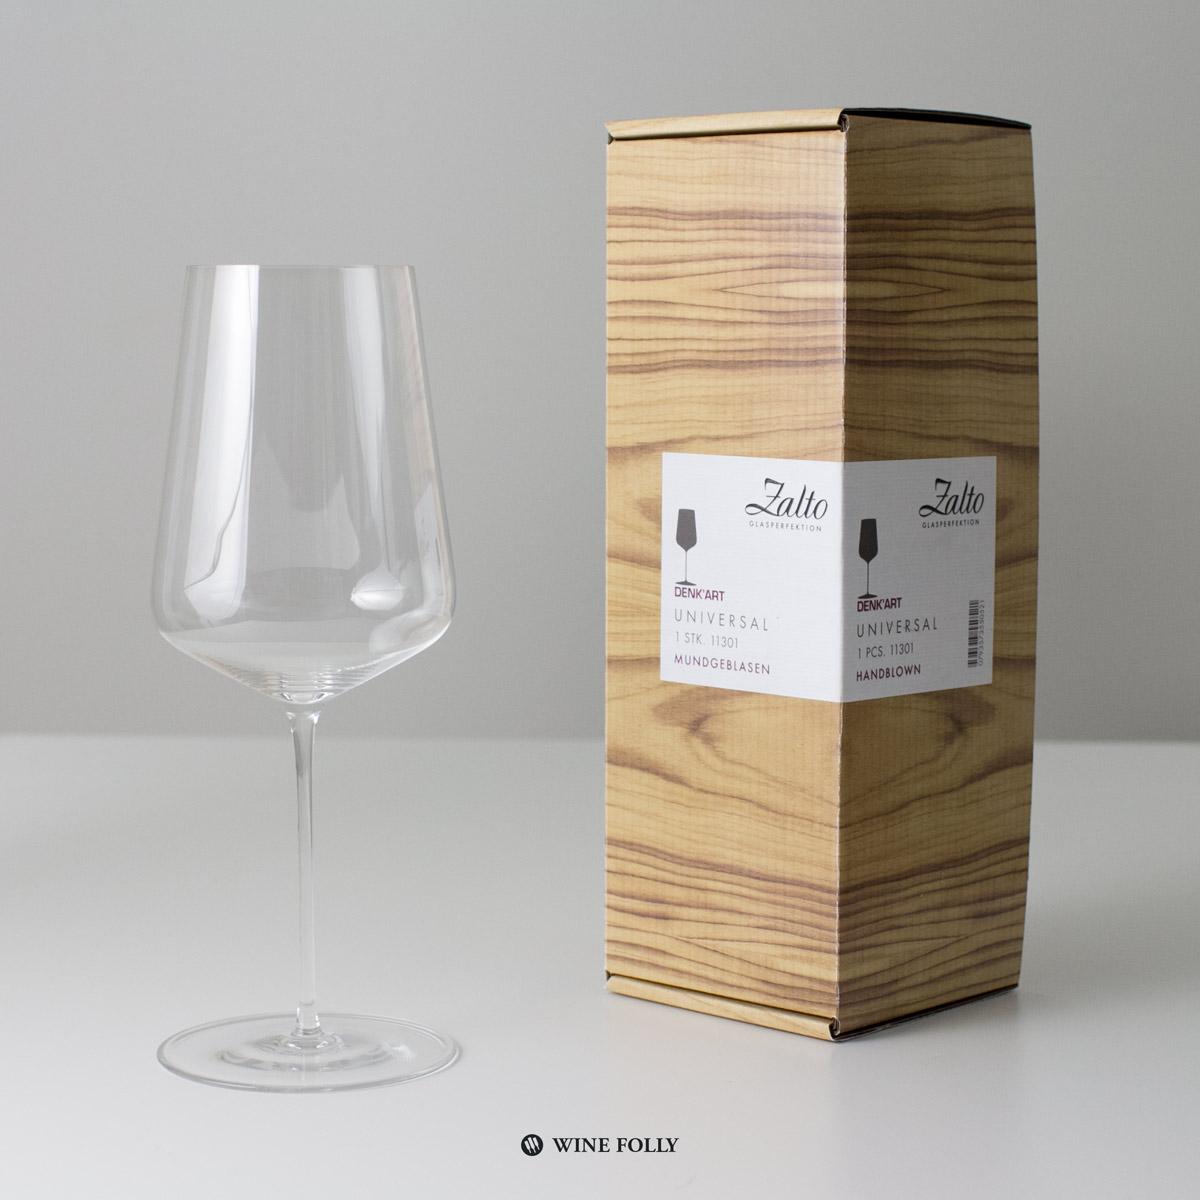 zalto-univeral-glass-review